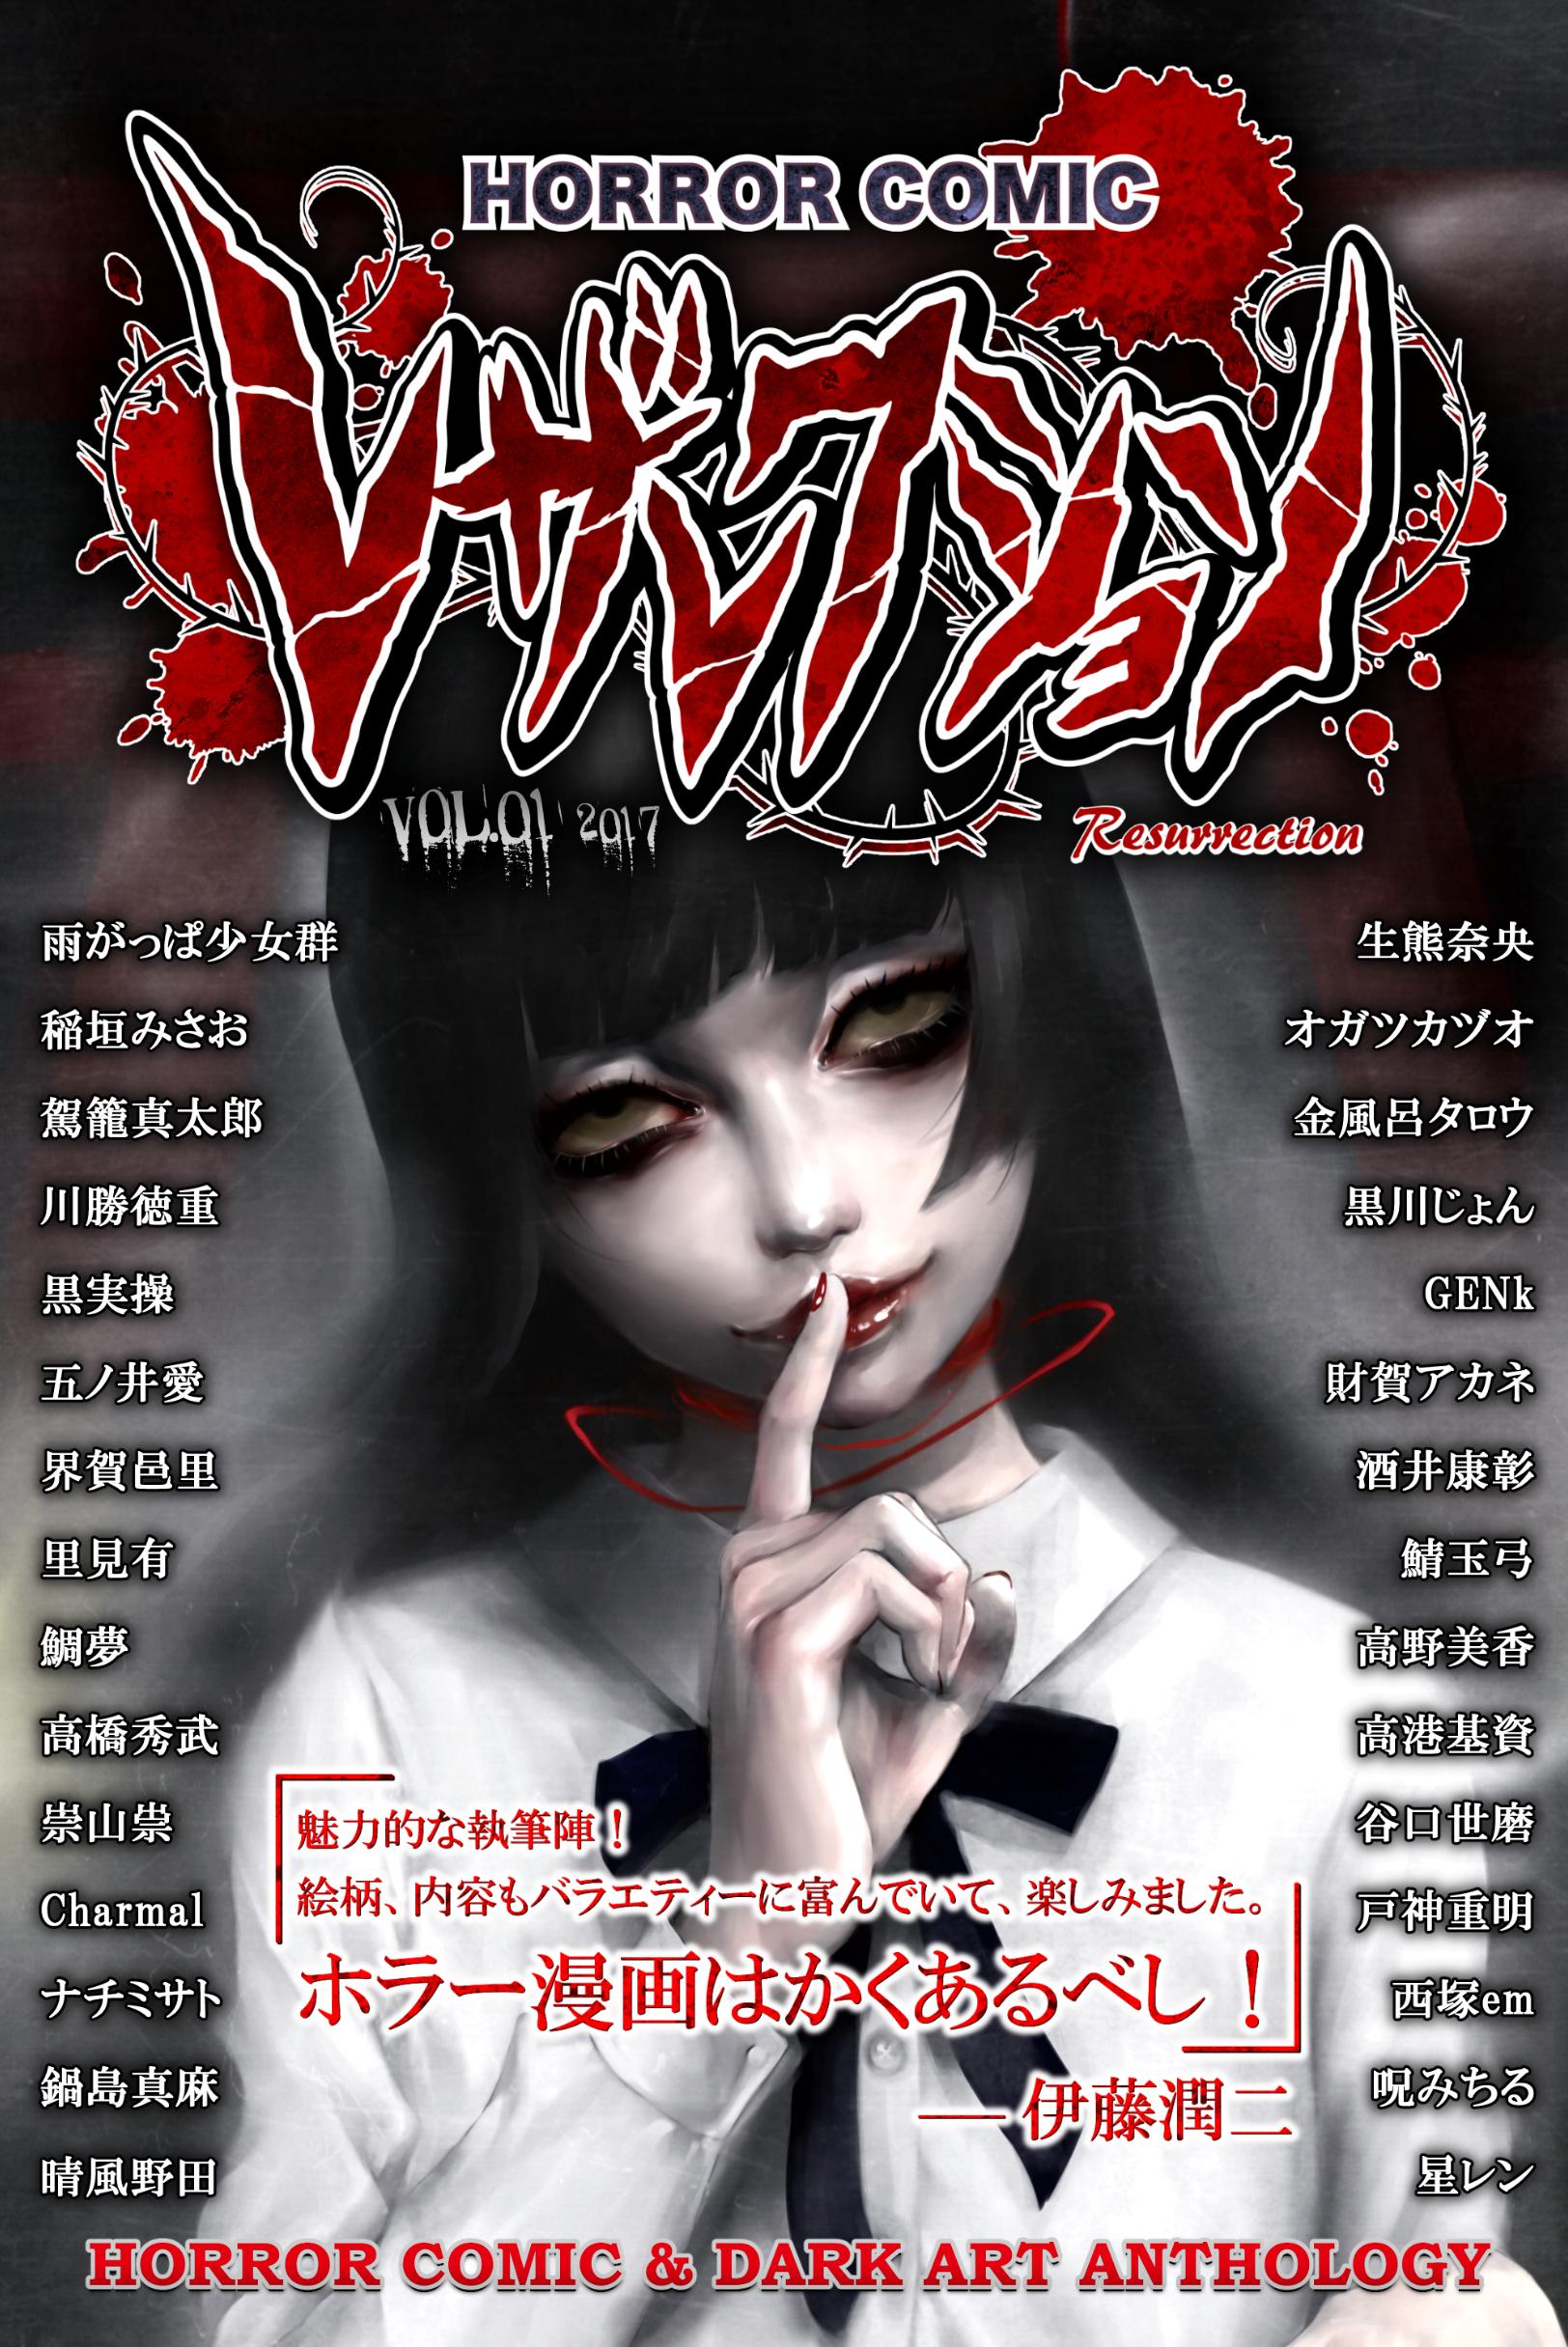 ホラーコミックレザレクション【重版】画像